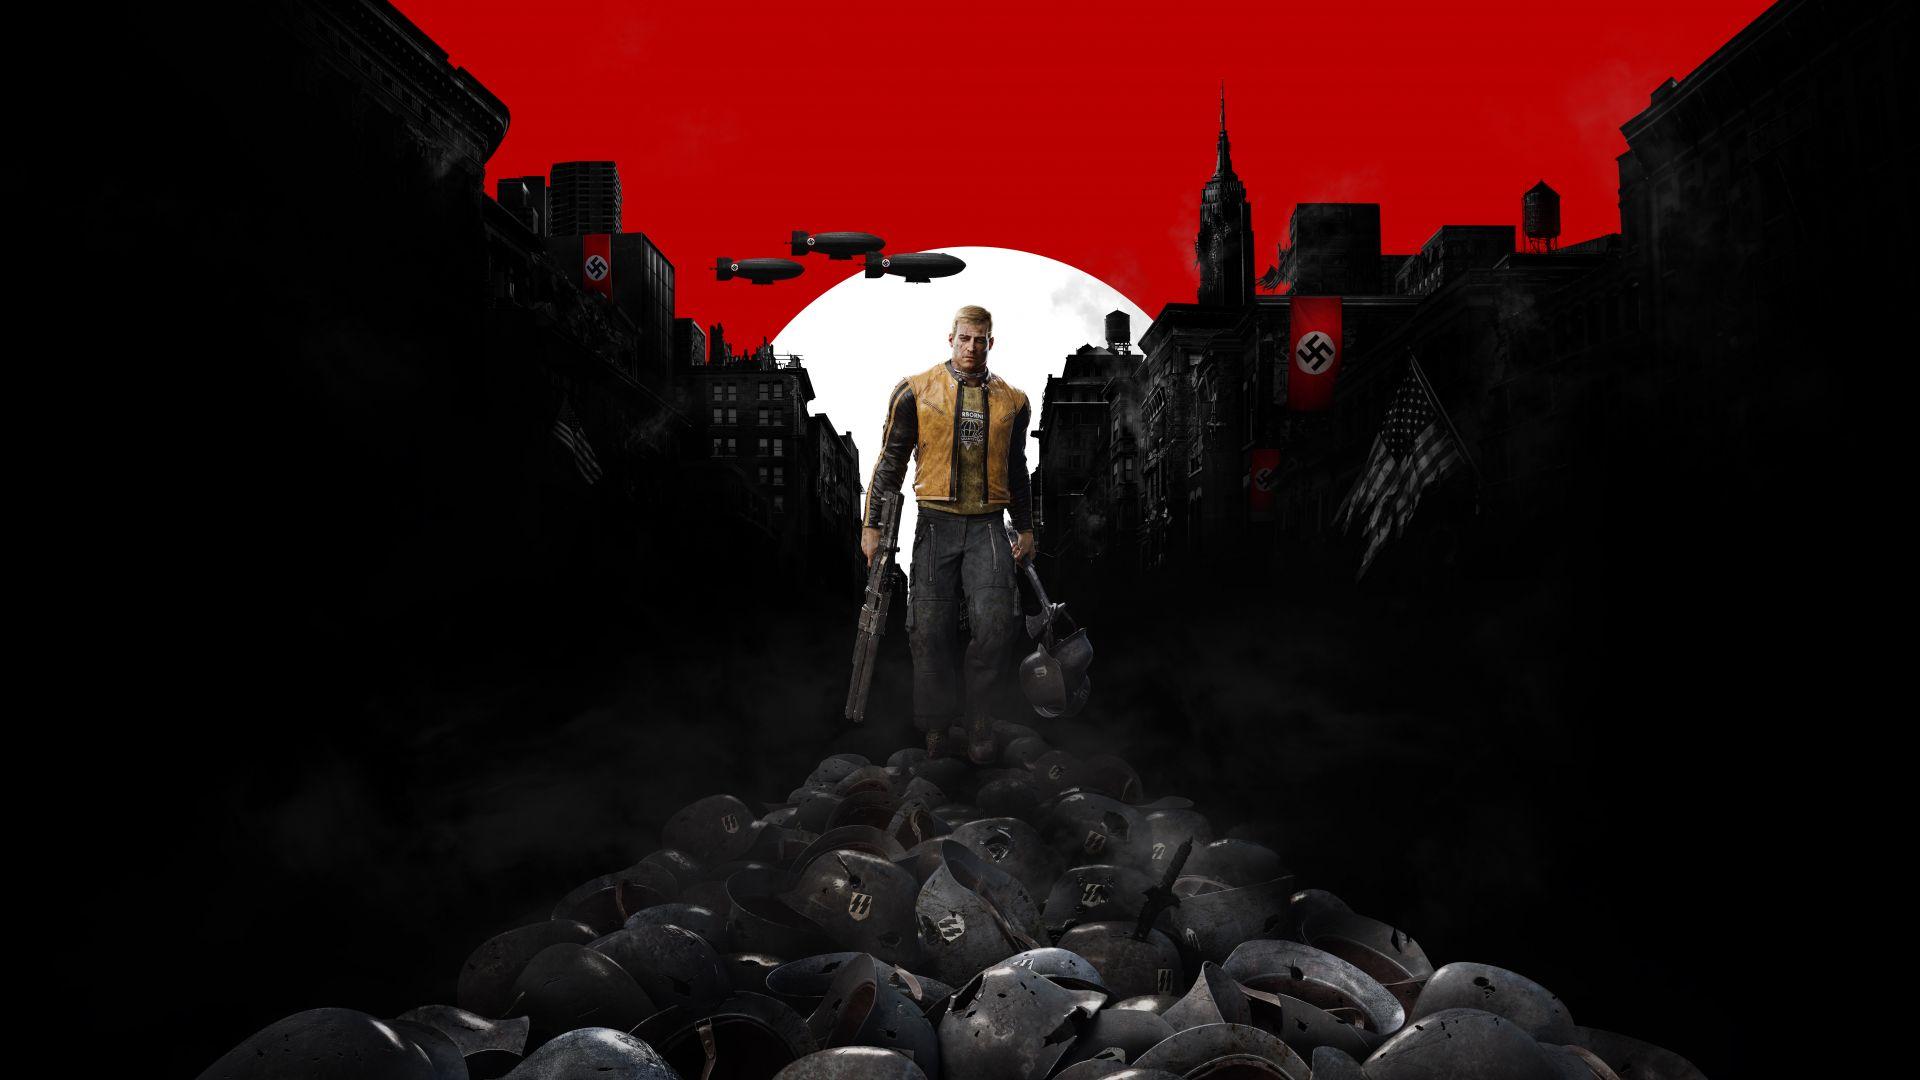 Wallpaper Wolfenstein 2: The New Colossus, video game, walk